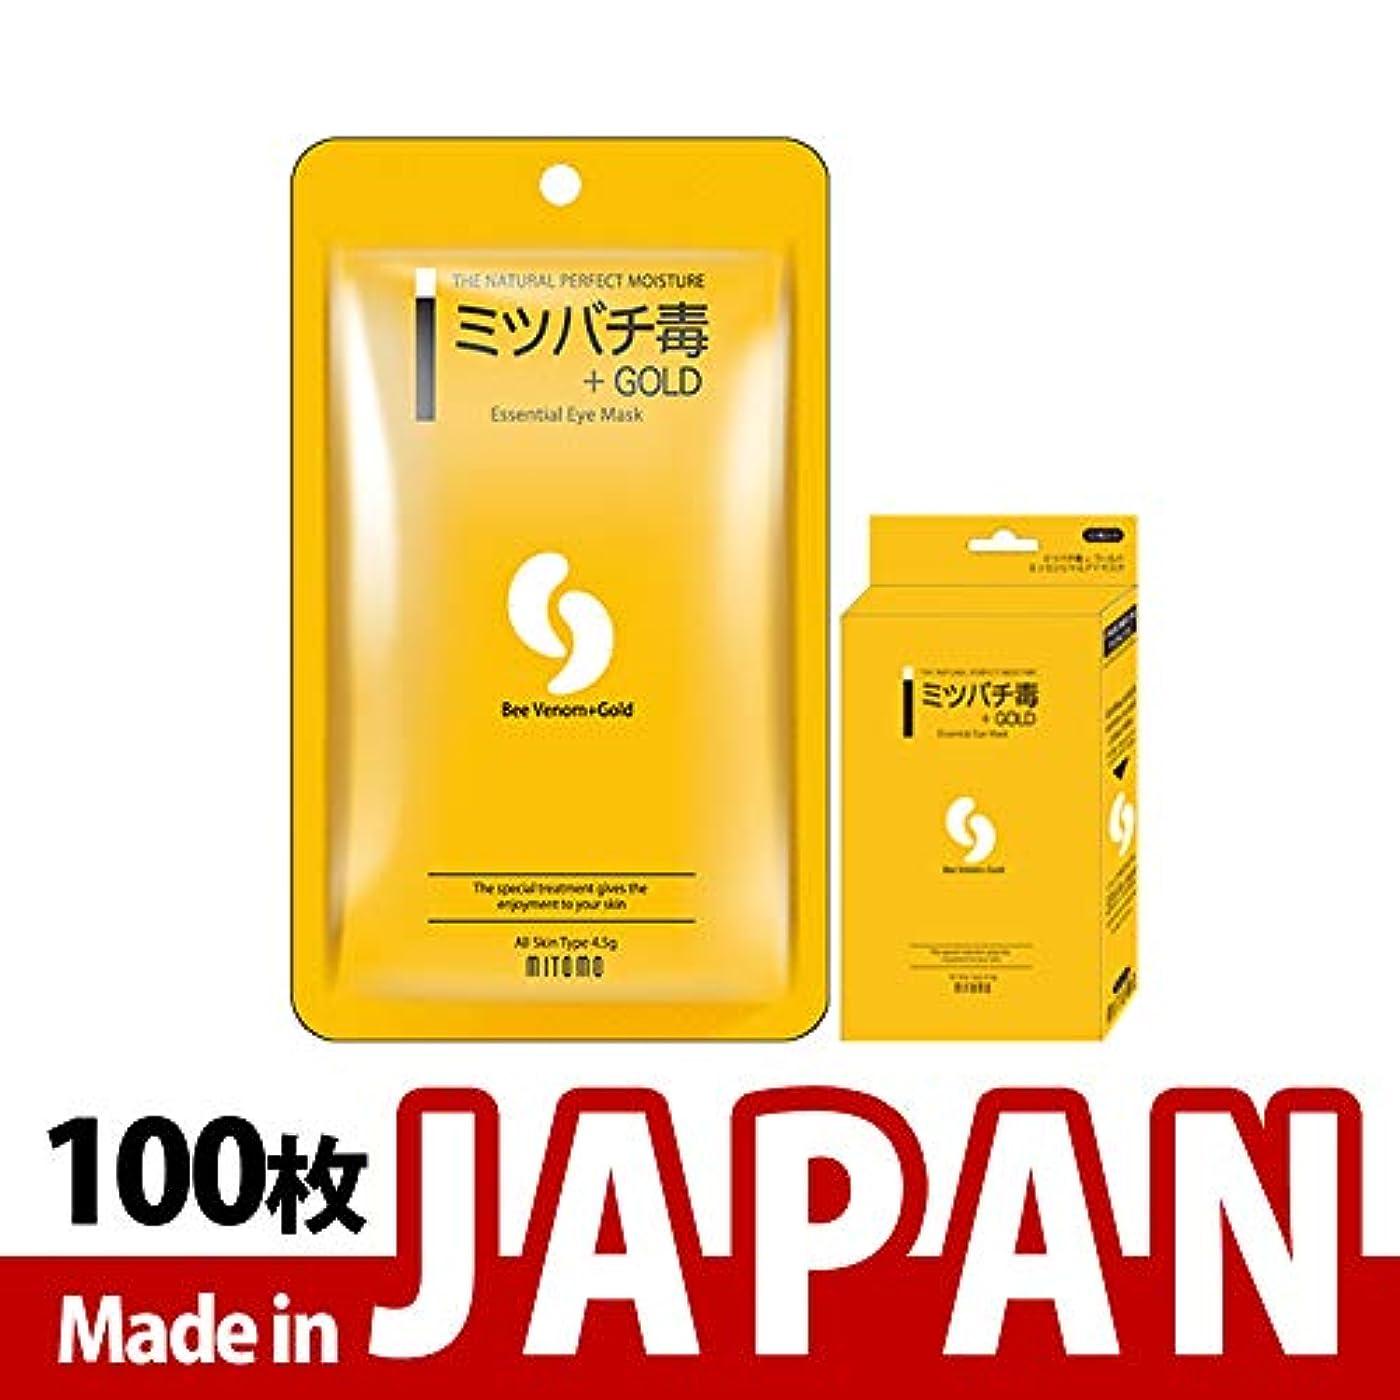 ボーカル首スカルクMITOMO【MC002-A-0】日本製シートマスク/10枚入り/100枚/美容液/マスクパック/送料無料